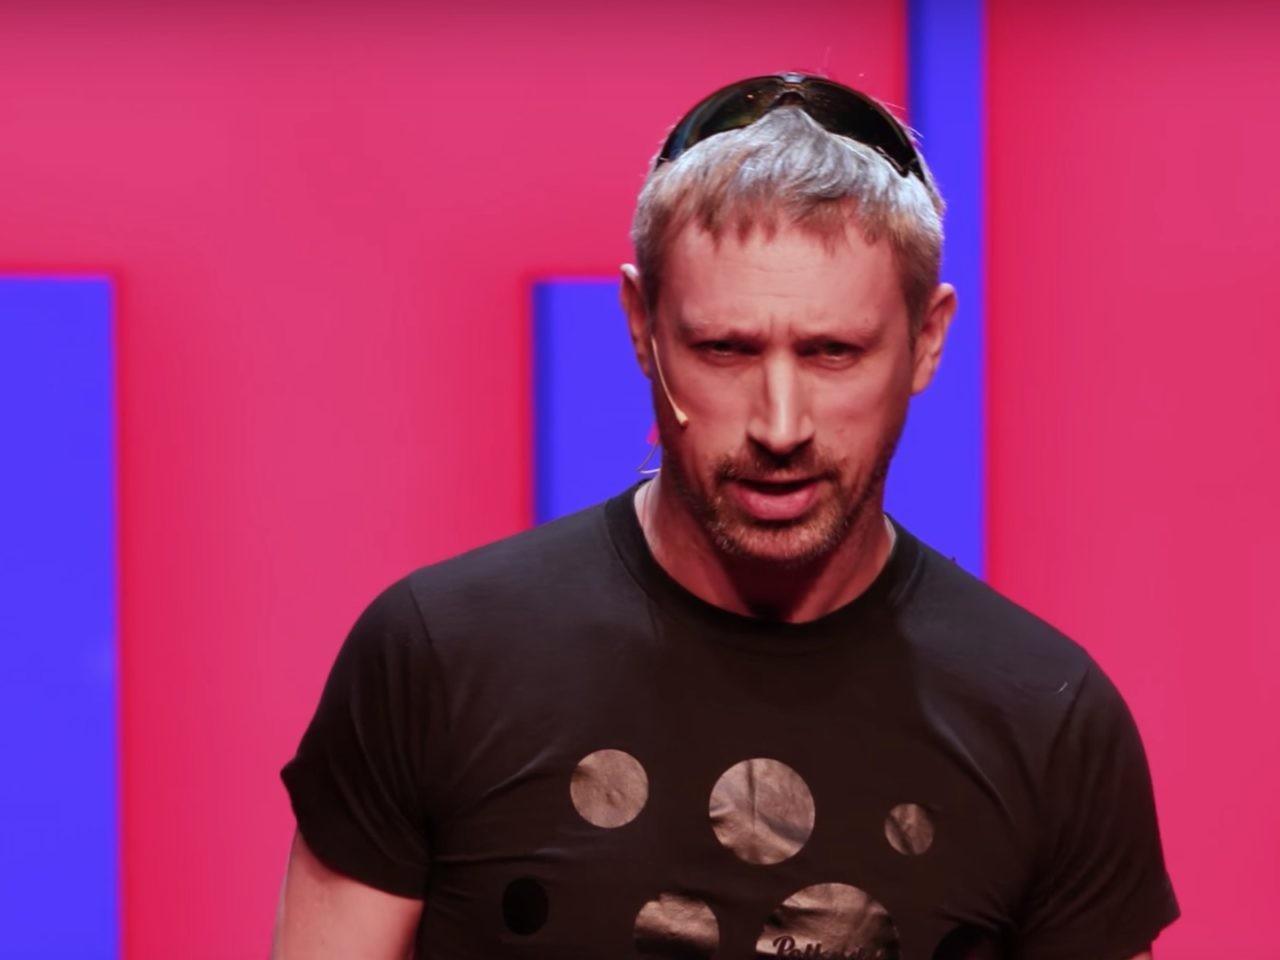 Gavin Wood, fondateur de Parity et co-fondateur du protocole Ethereum.